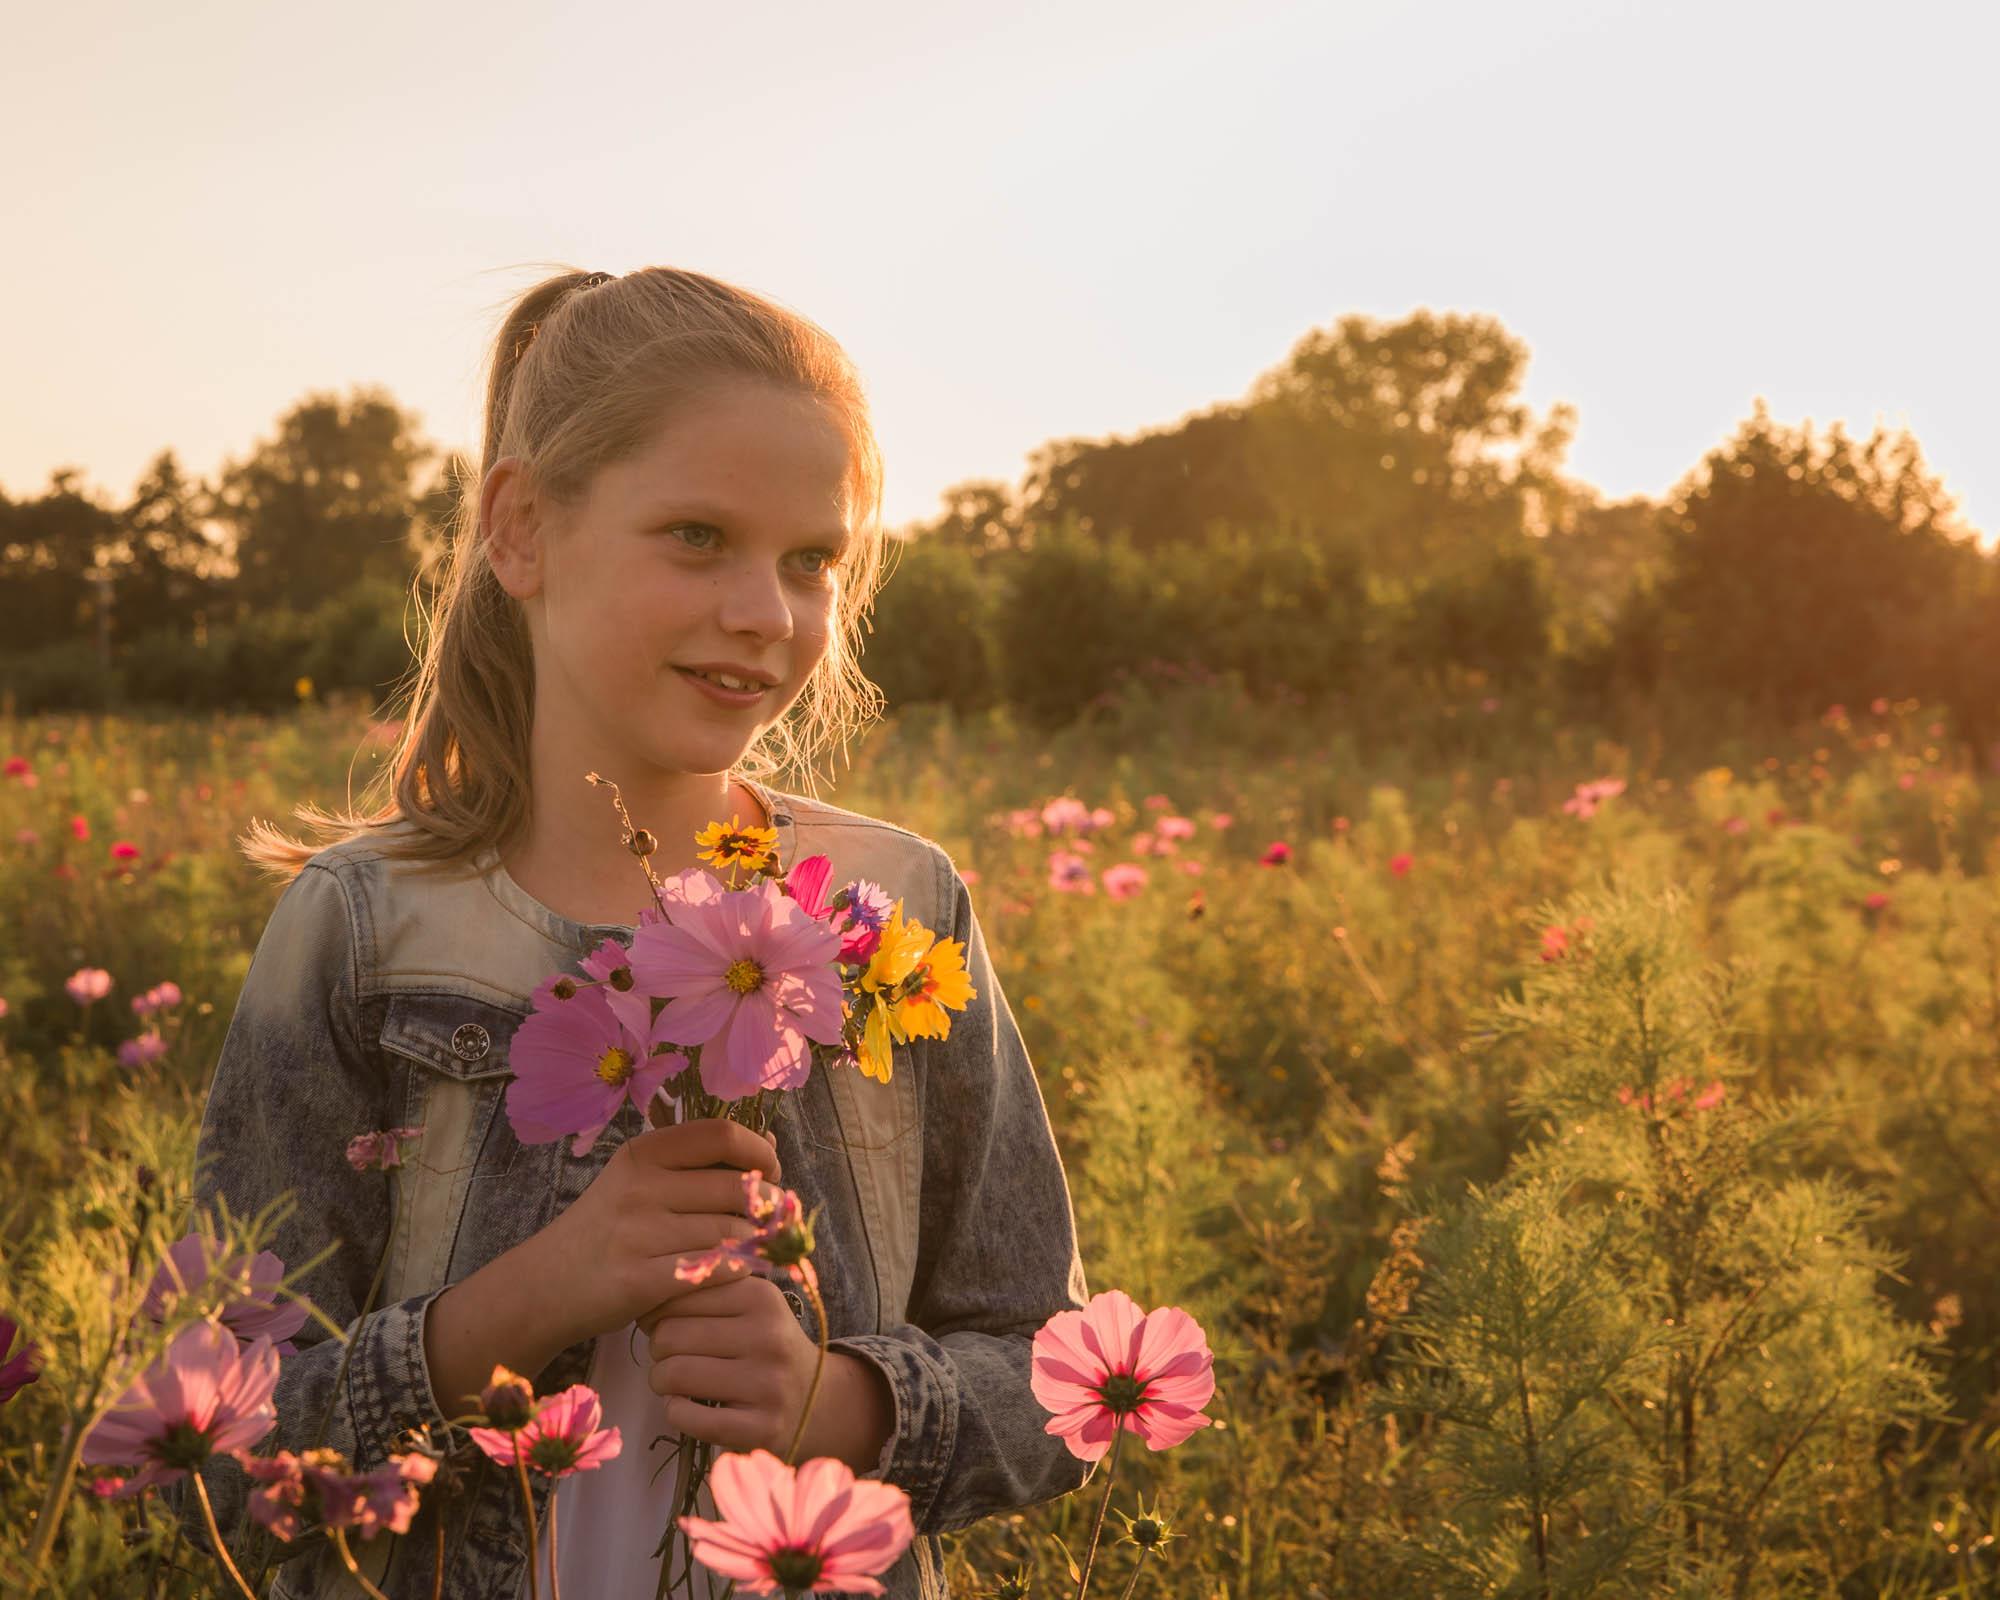 kinderportret van jong meisje met bermbloemen in gouden zonlicht door mayrafotografie